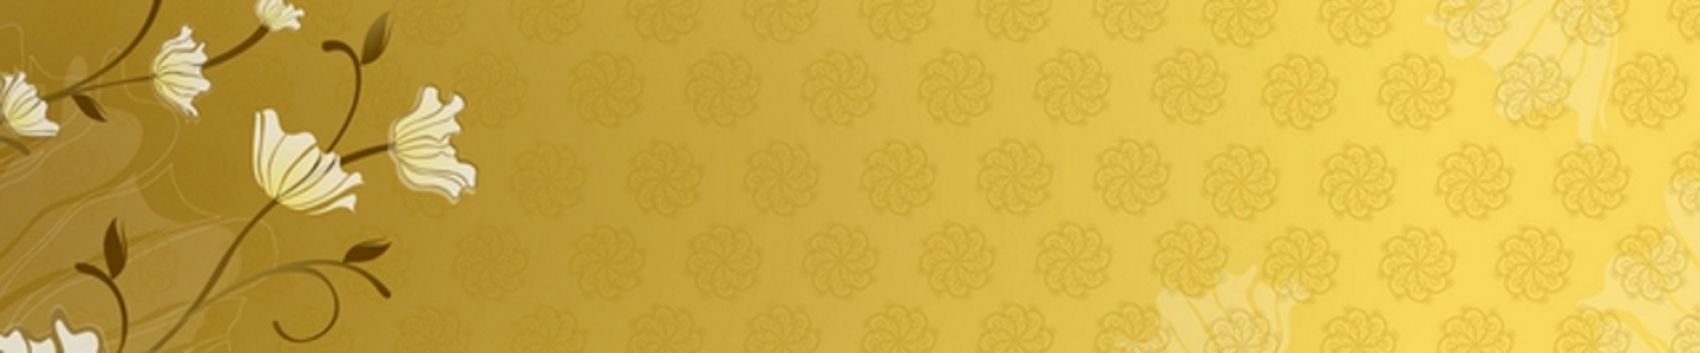 белые цветы на золотистом фоне